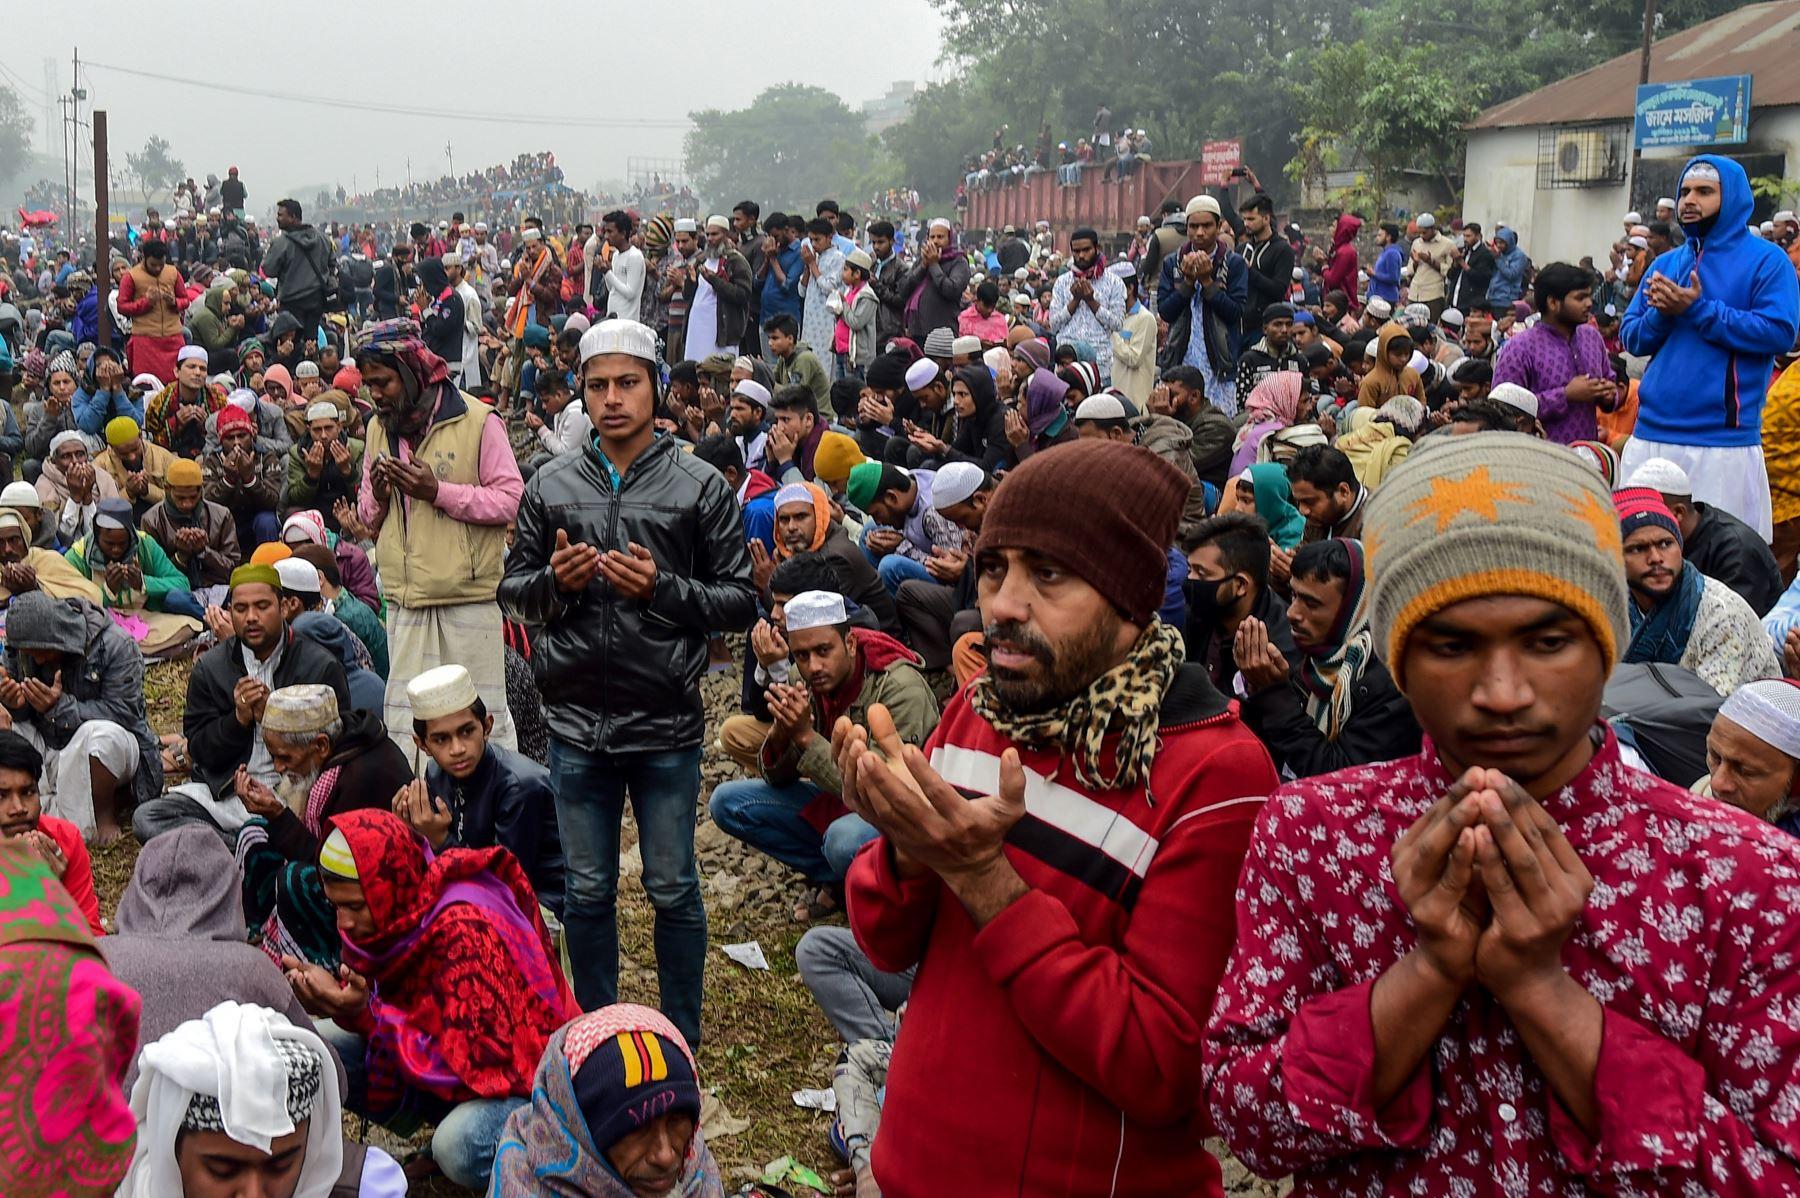 Los devotos musulmanes participan en el Akheri Munajat, o las oraciones finales, durante la reunión anual musulmana